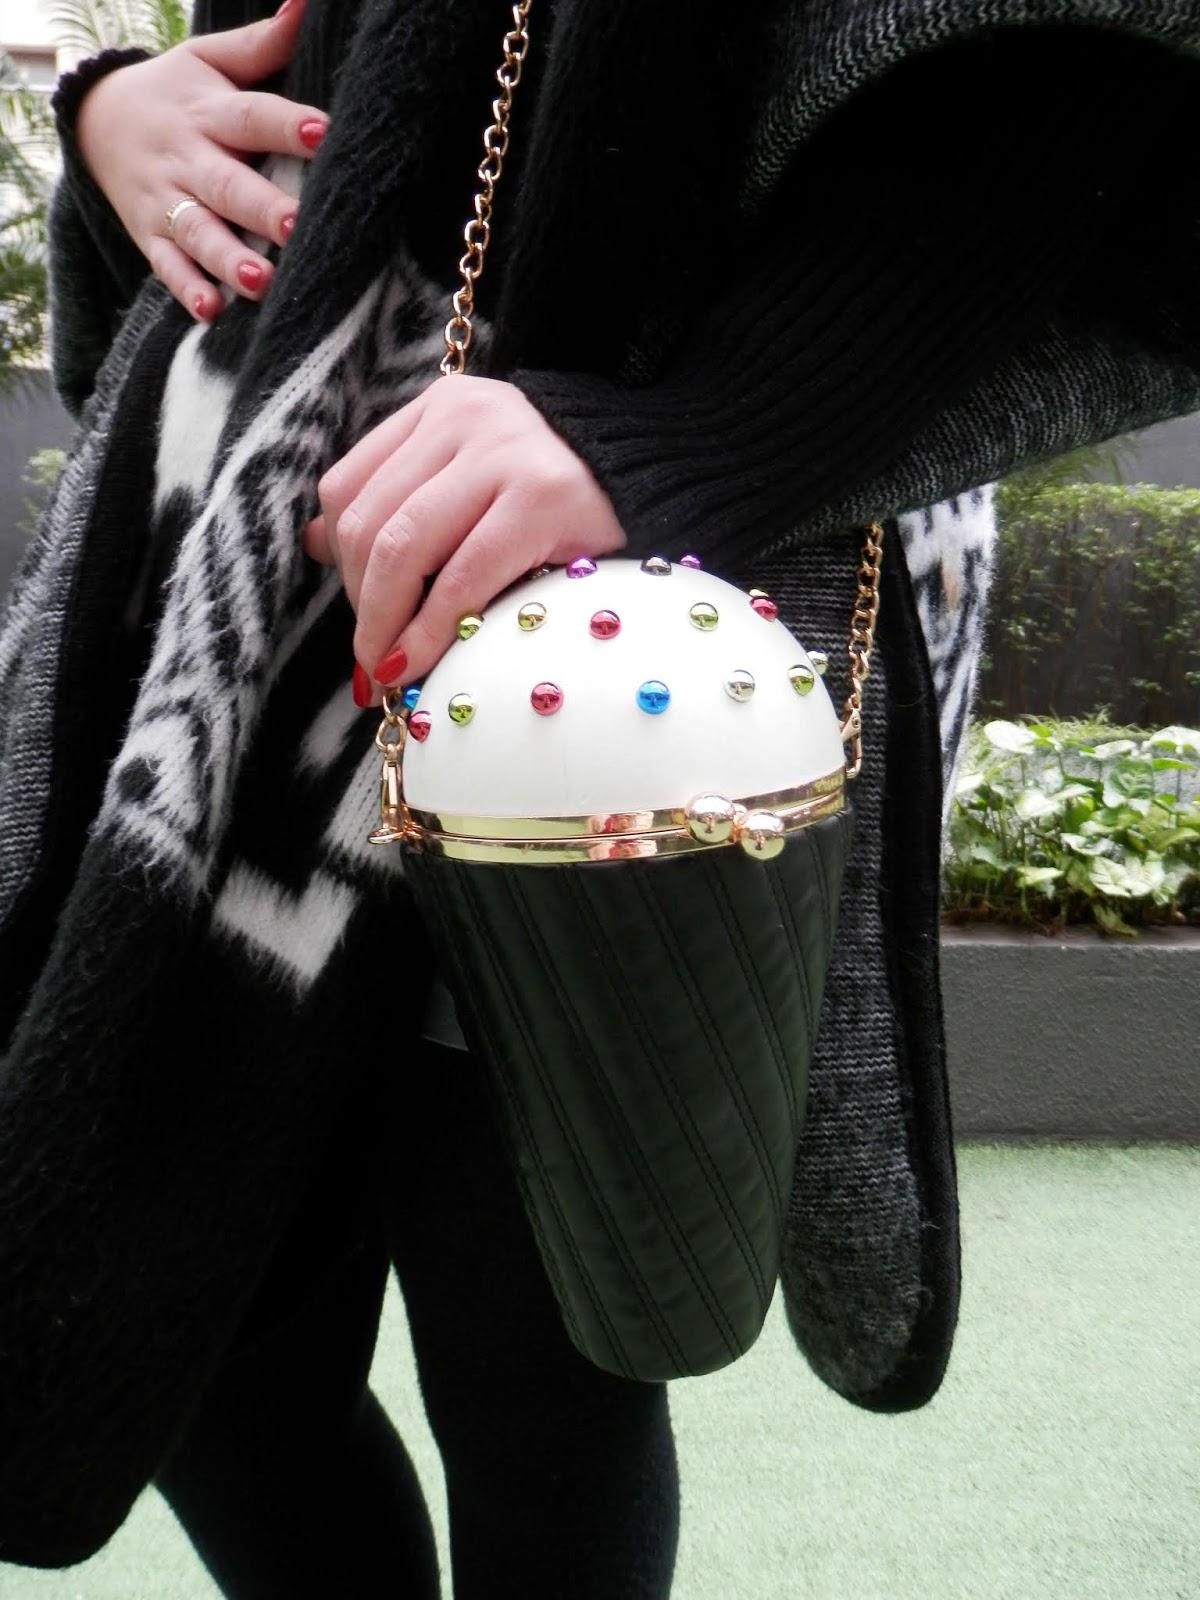 bolsa em forma de cone